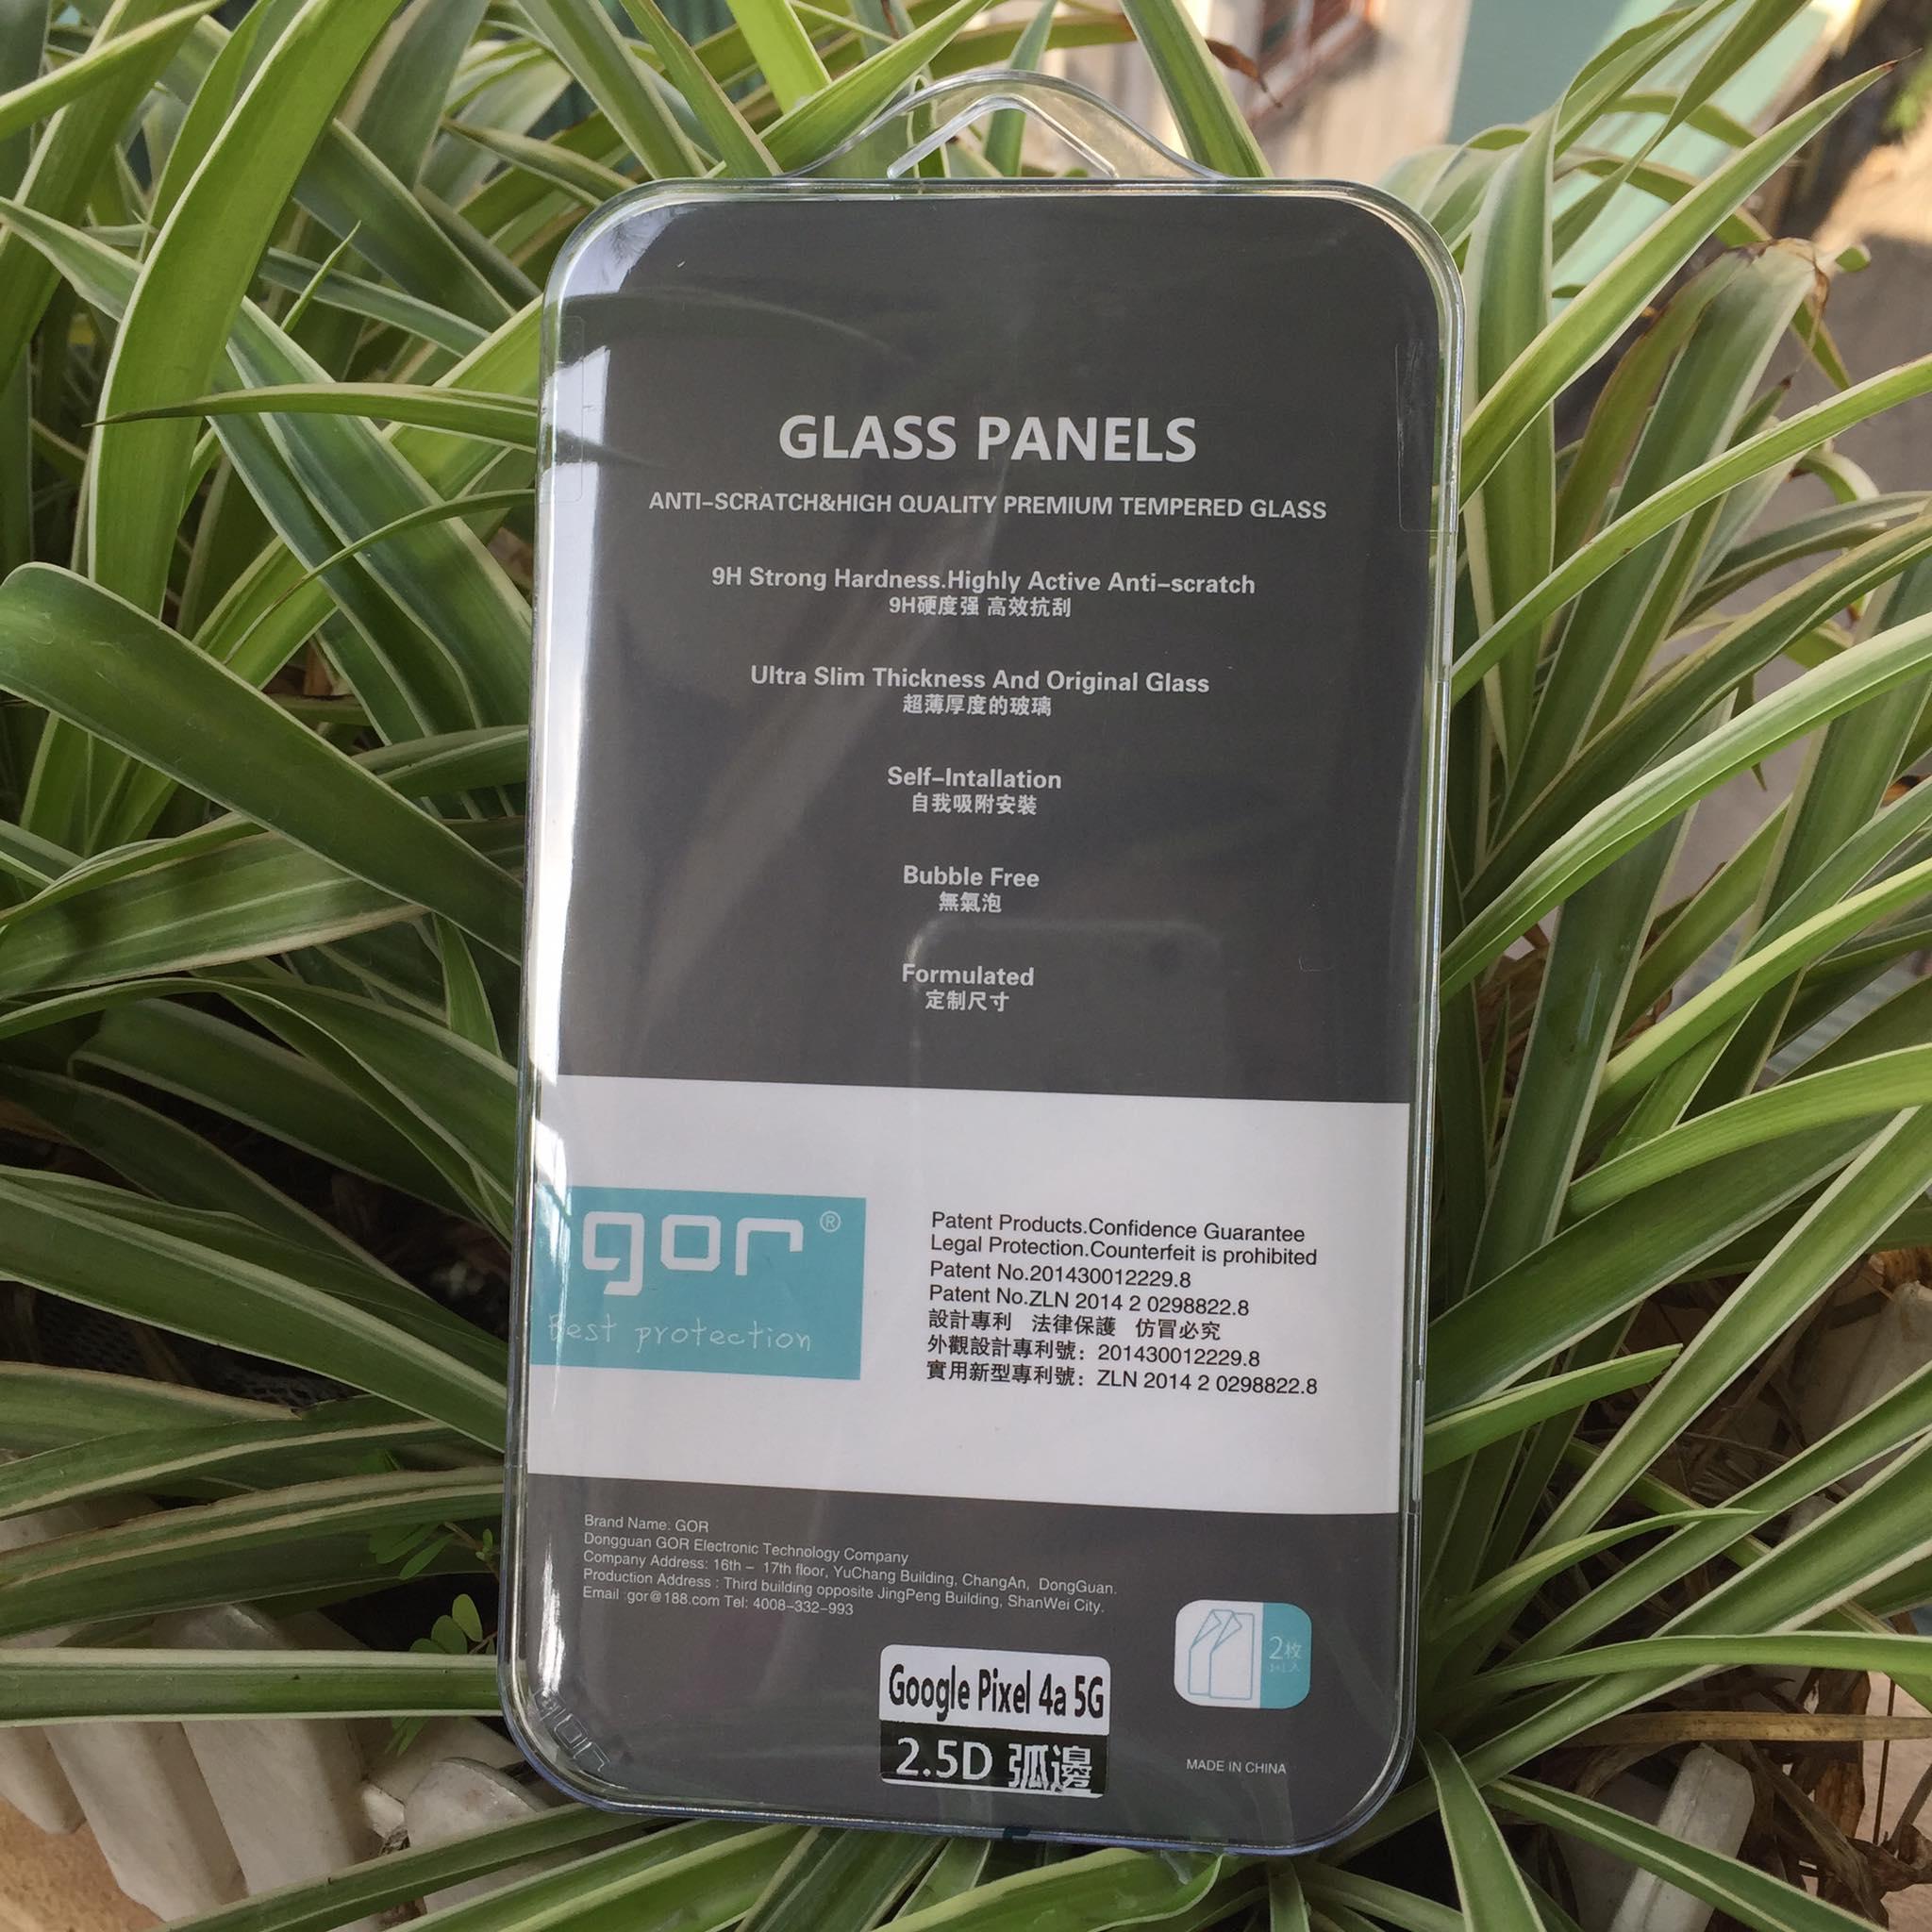 Bộ 2 Kính Cường Lực GOR cho Pixel 4A 5G ( 2 Miếng full box ) _ Hàng Nhập Khẩu